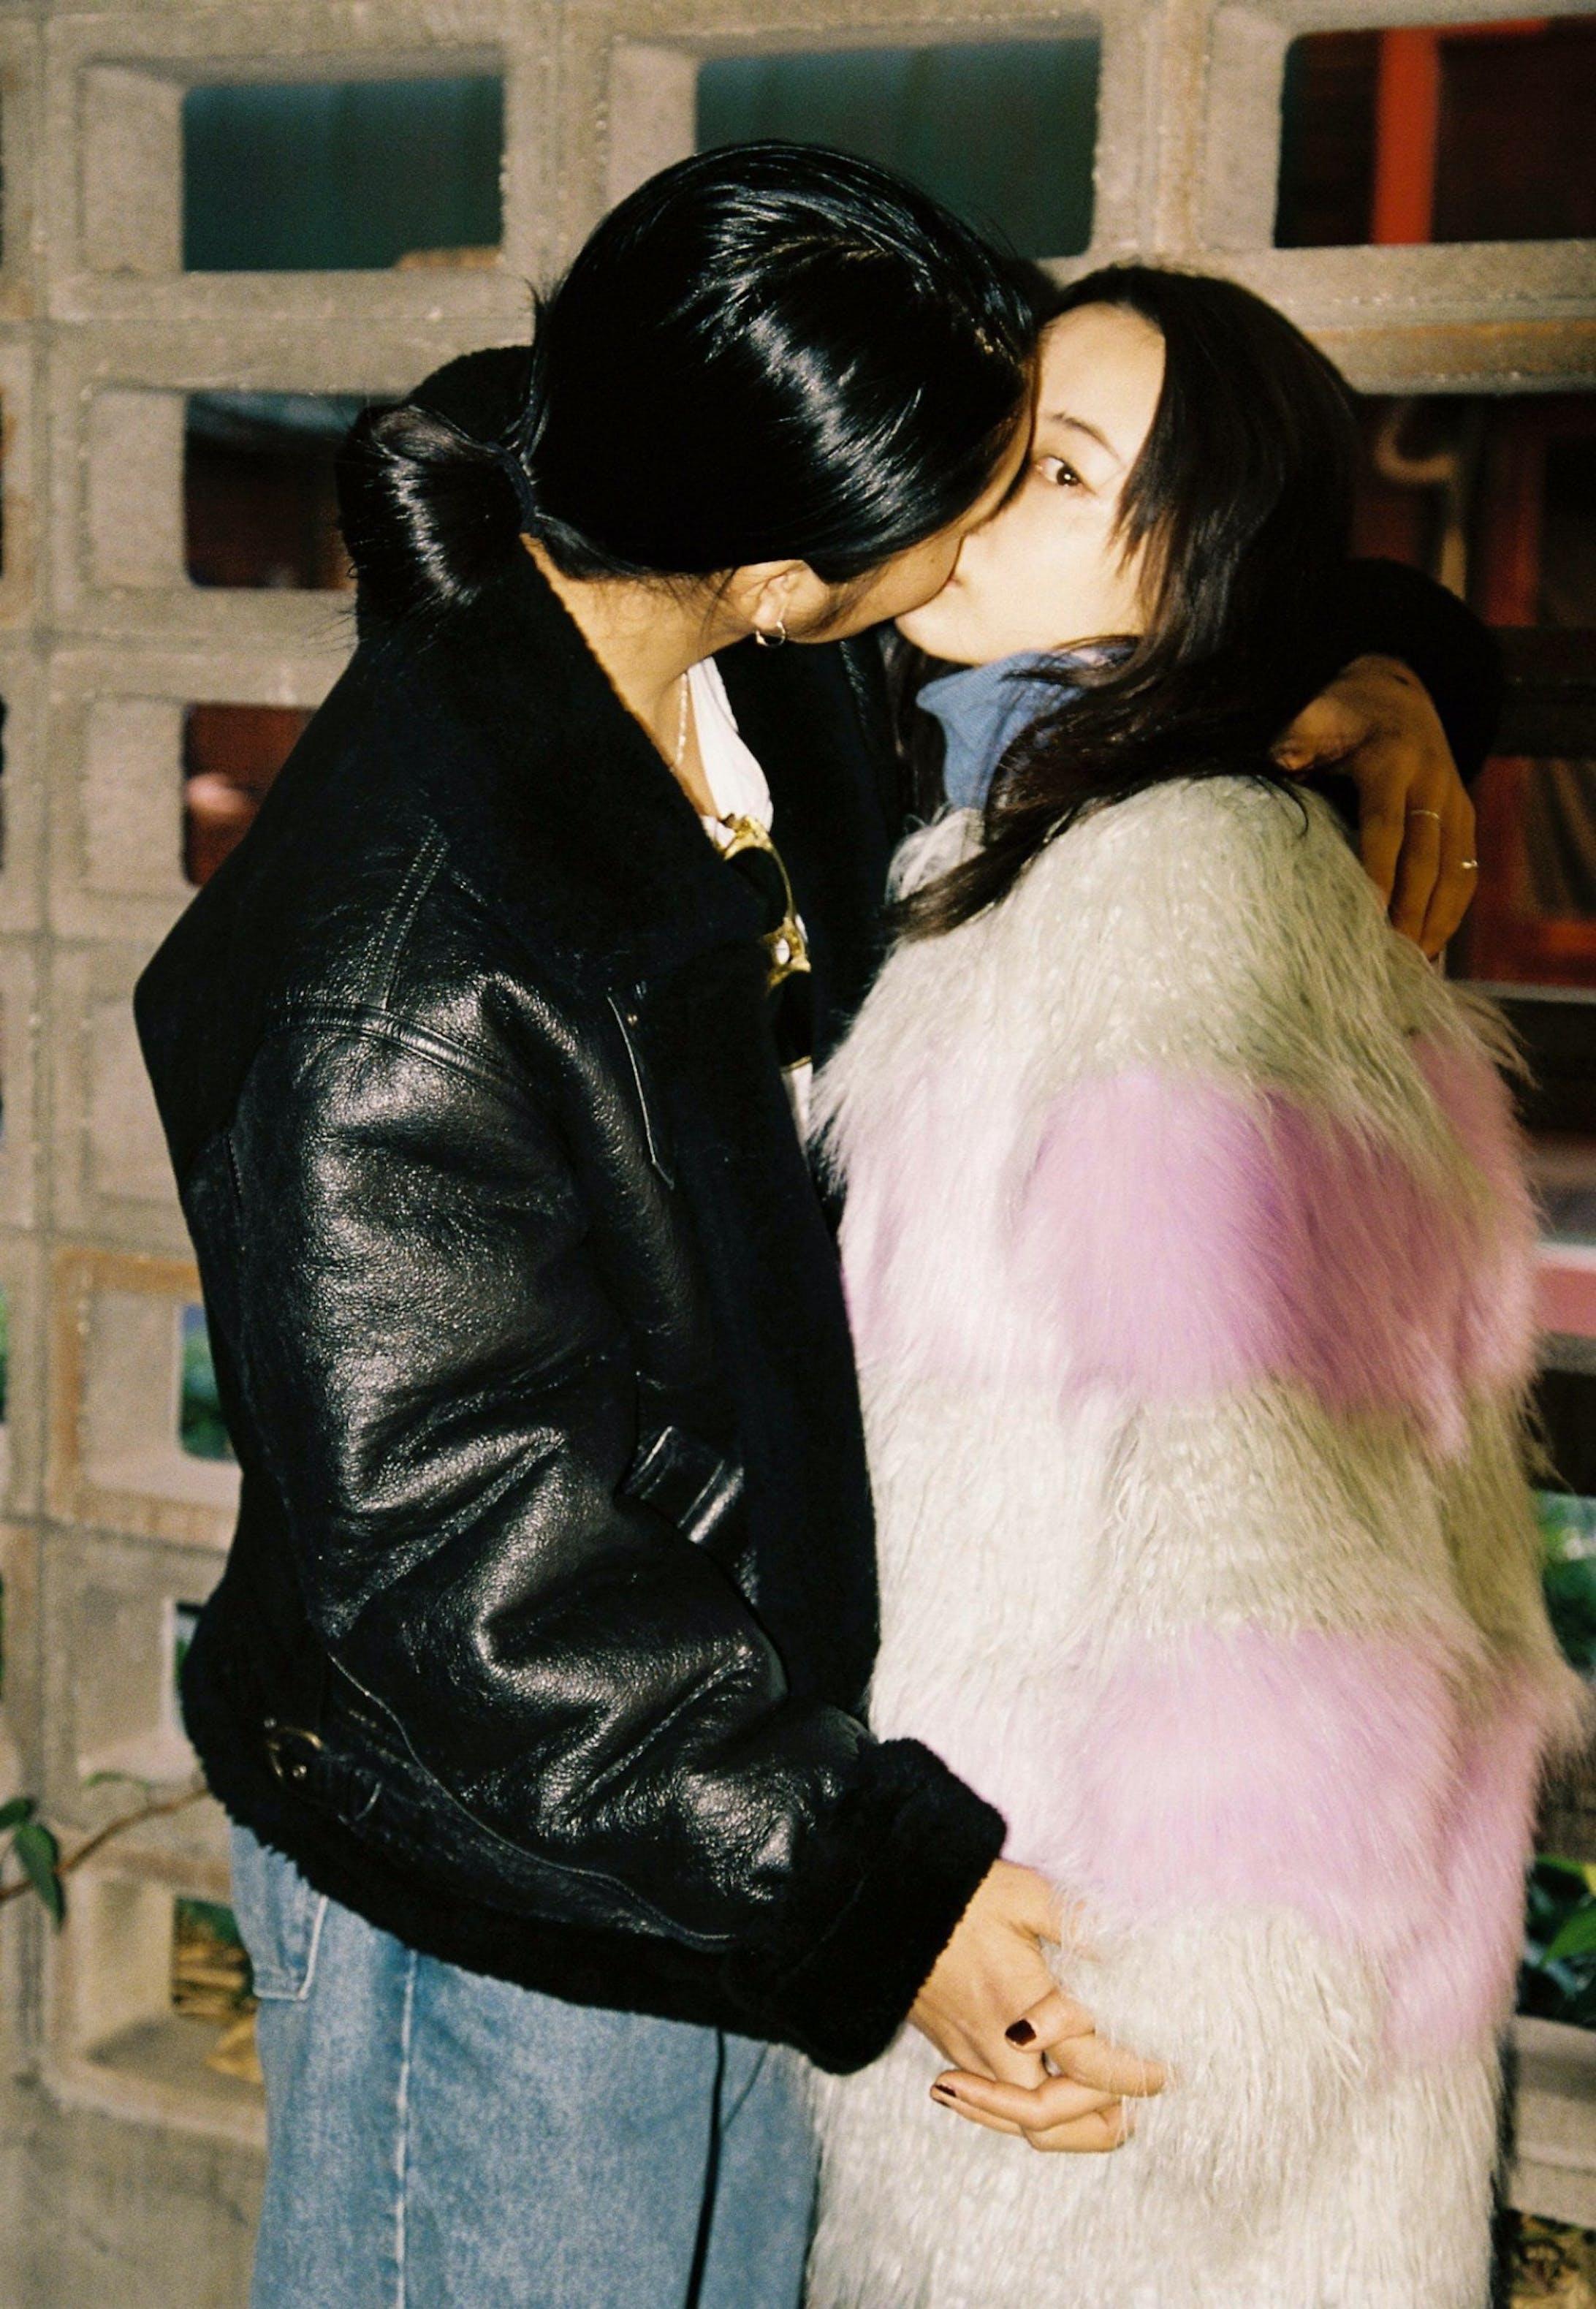 「ふれて、愛を」-2